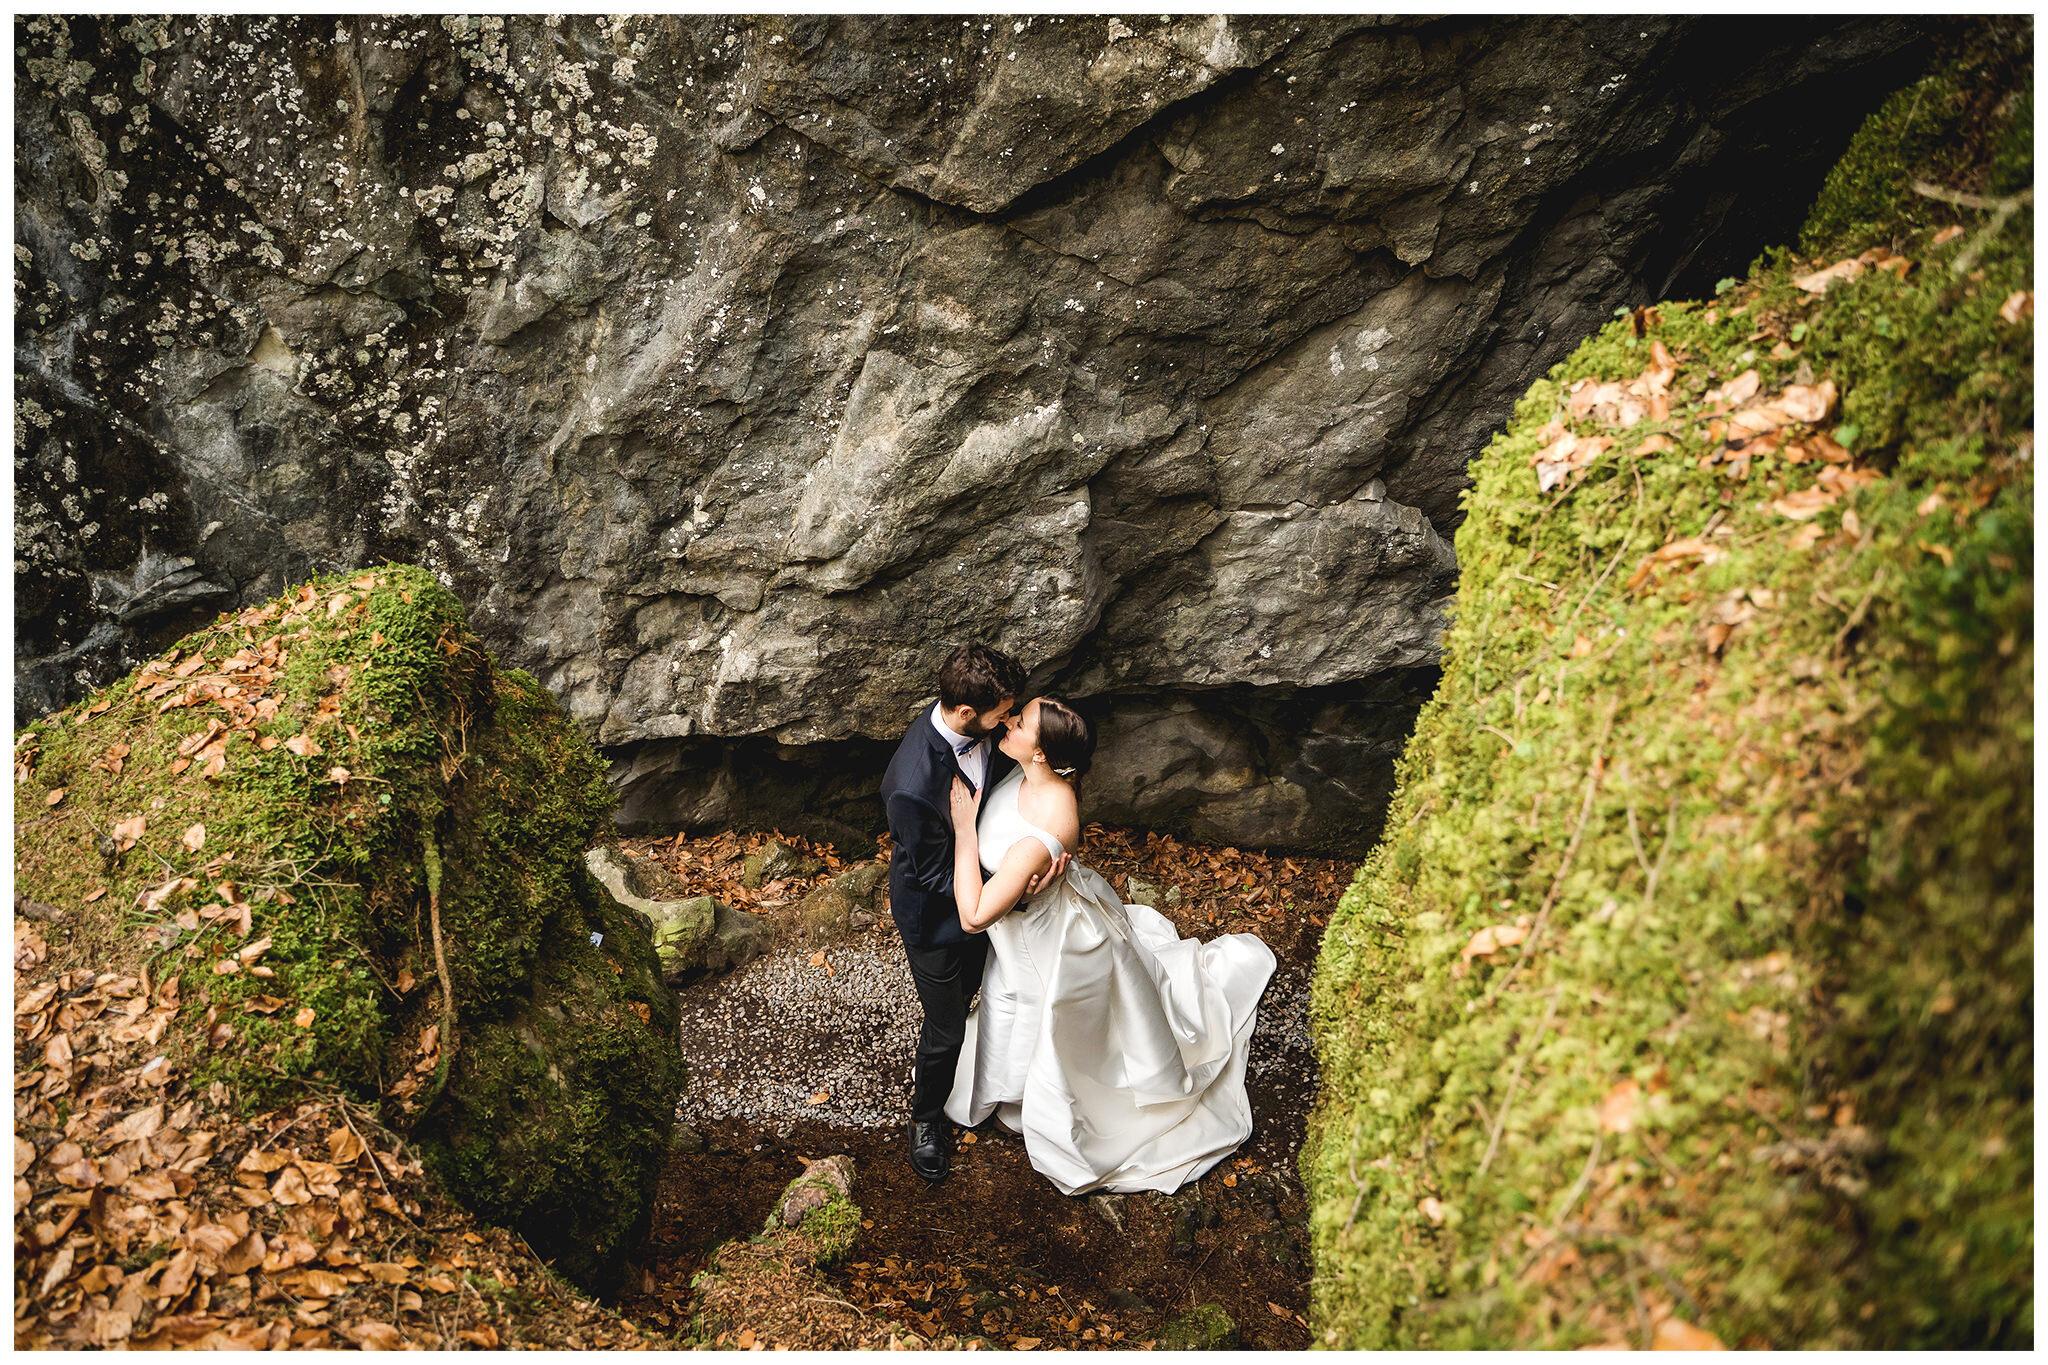 dreamsaanddreamers.com-fotograf-nunta-romania-19.jpg